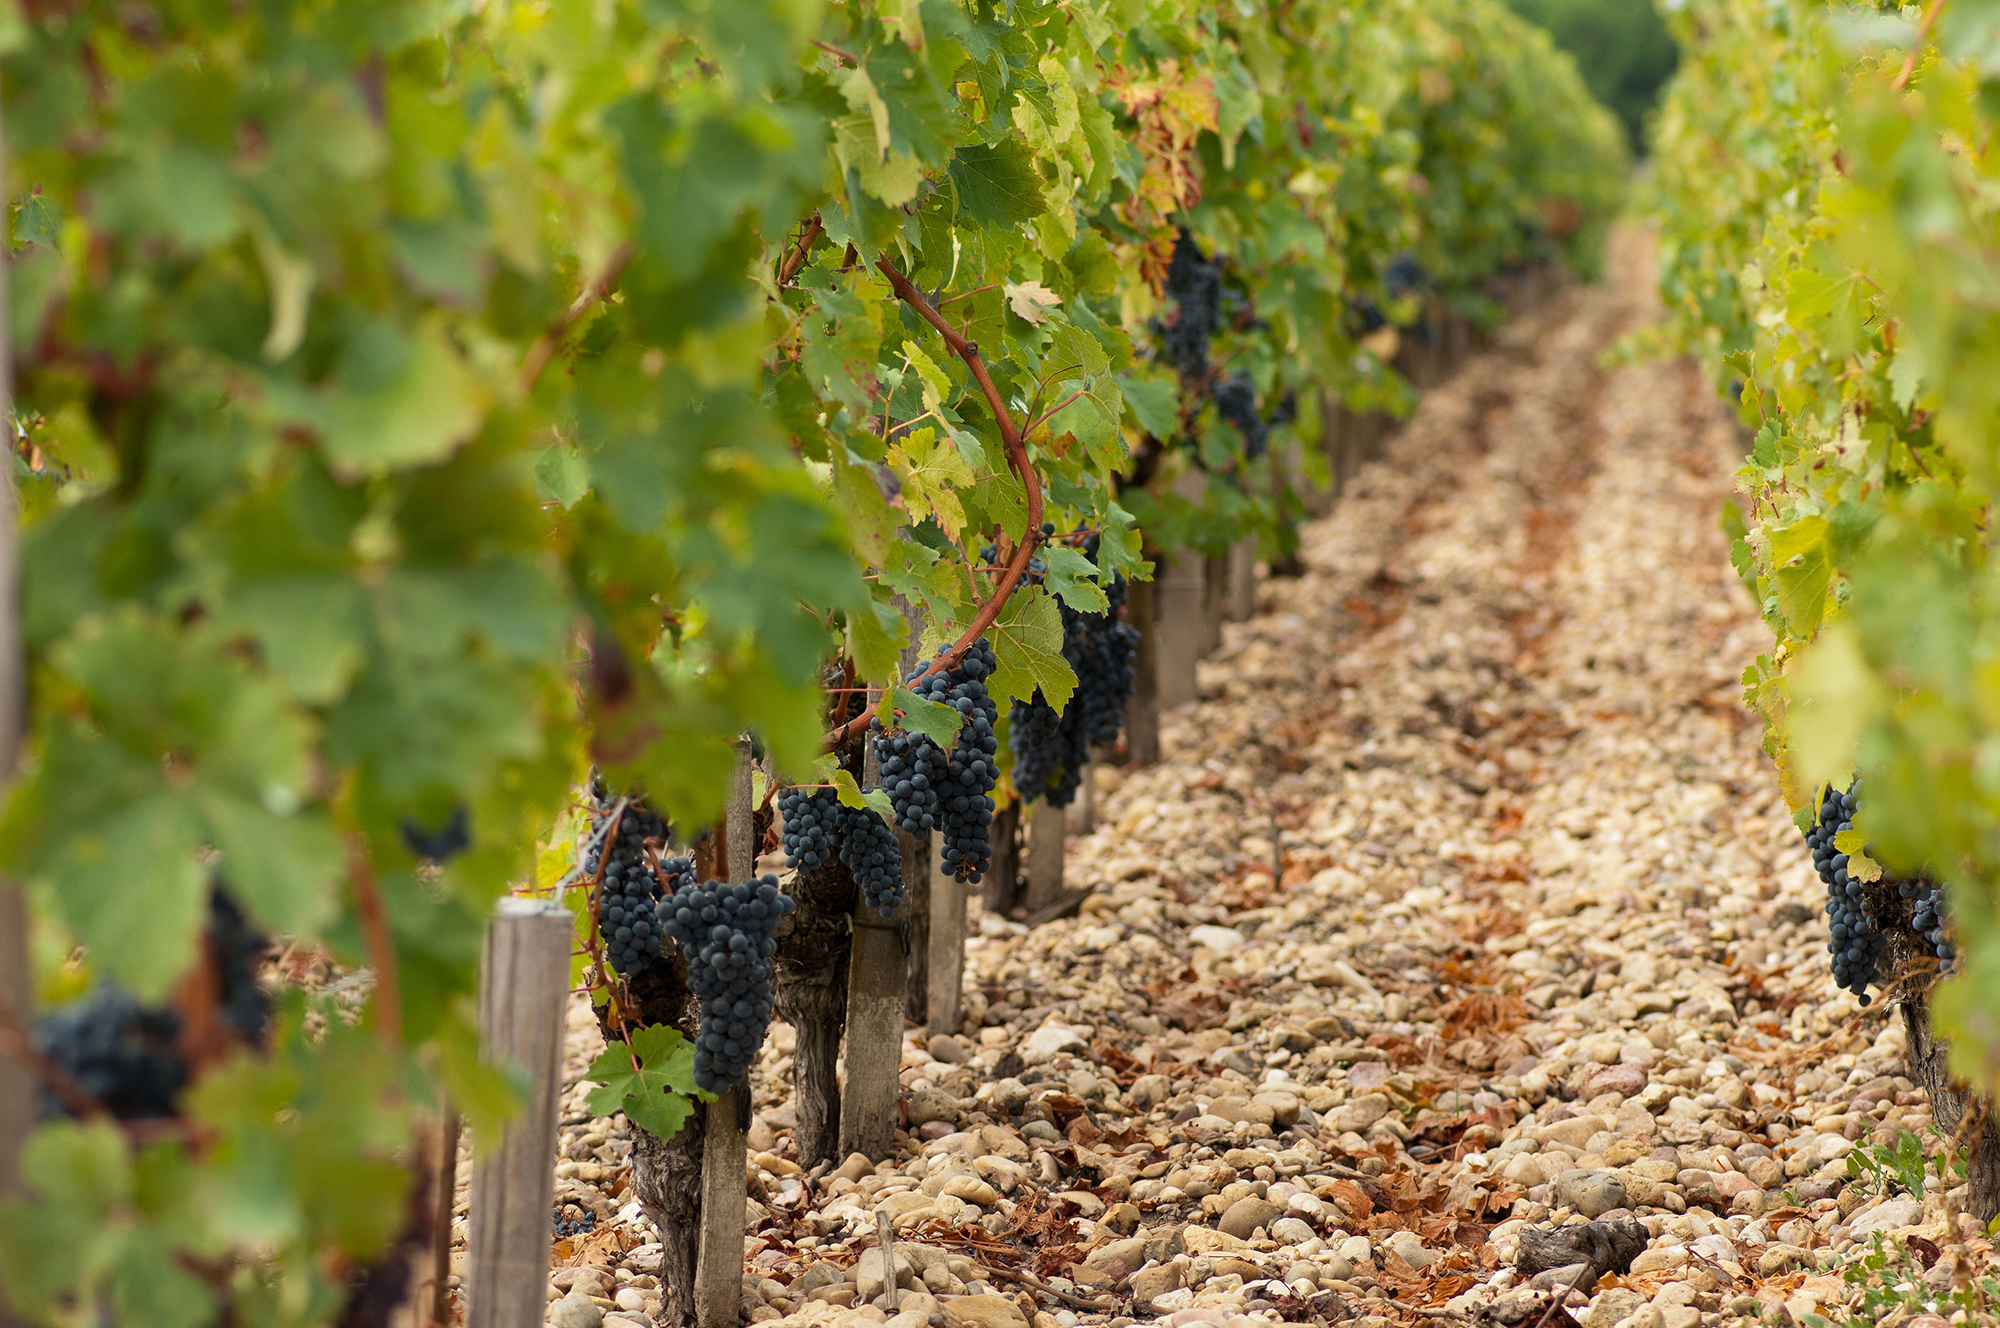 rang de vigne avant vendange Château Tronquoy-Lalande